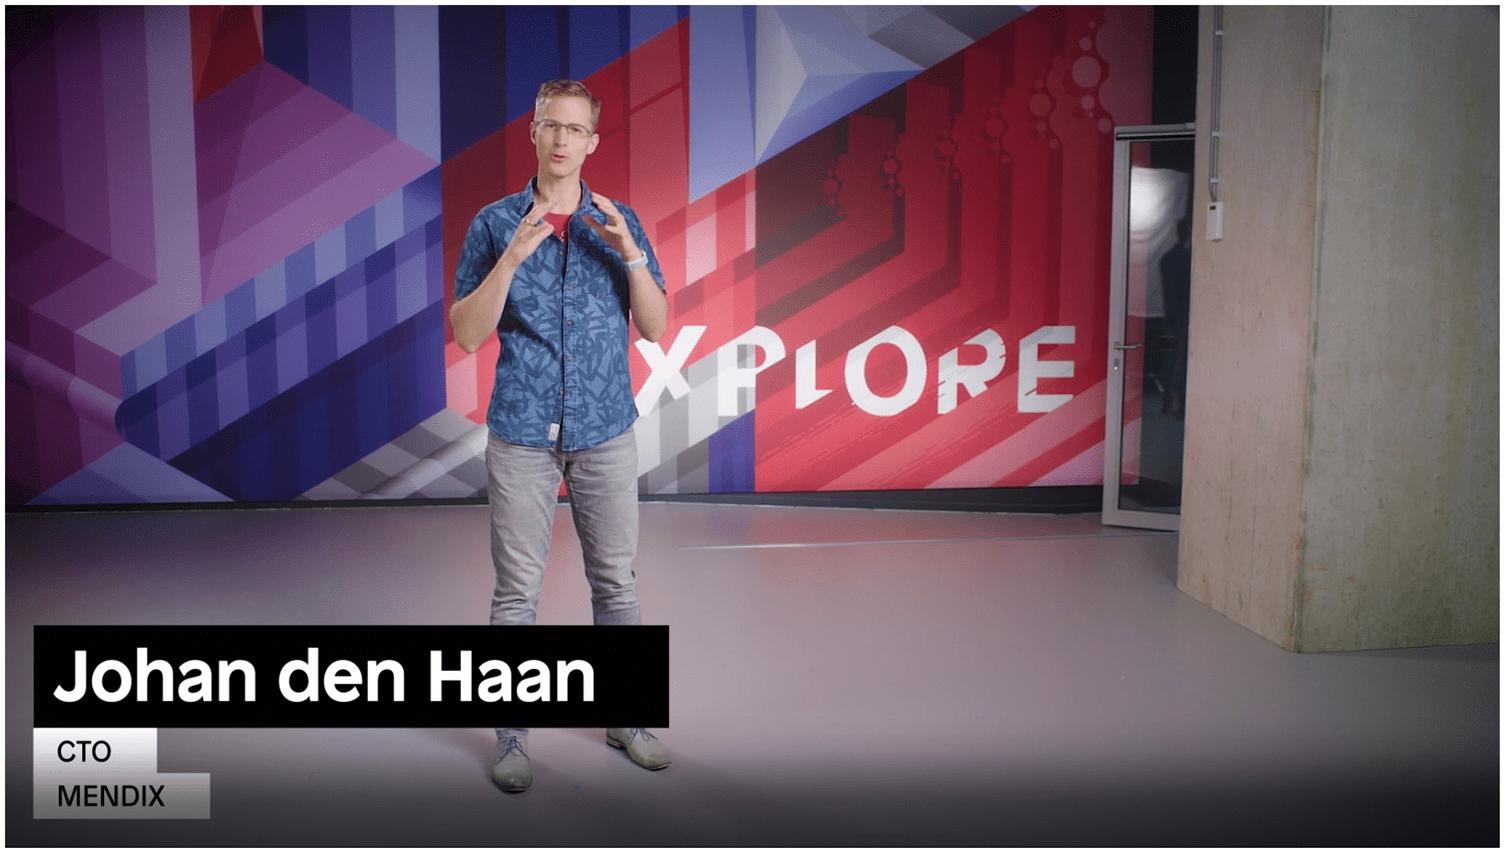 Johan den Haan CTO Keynote